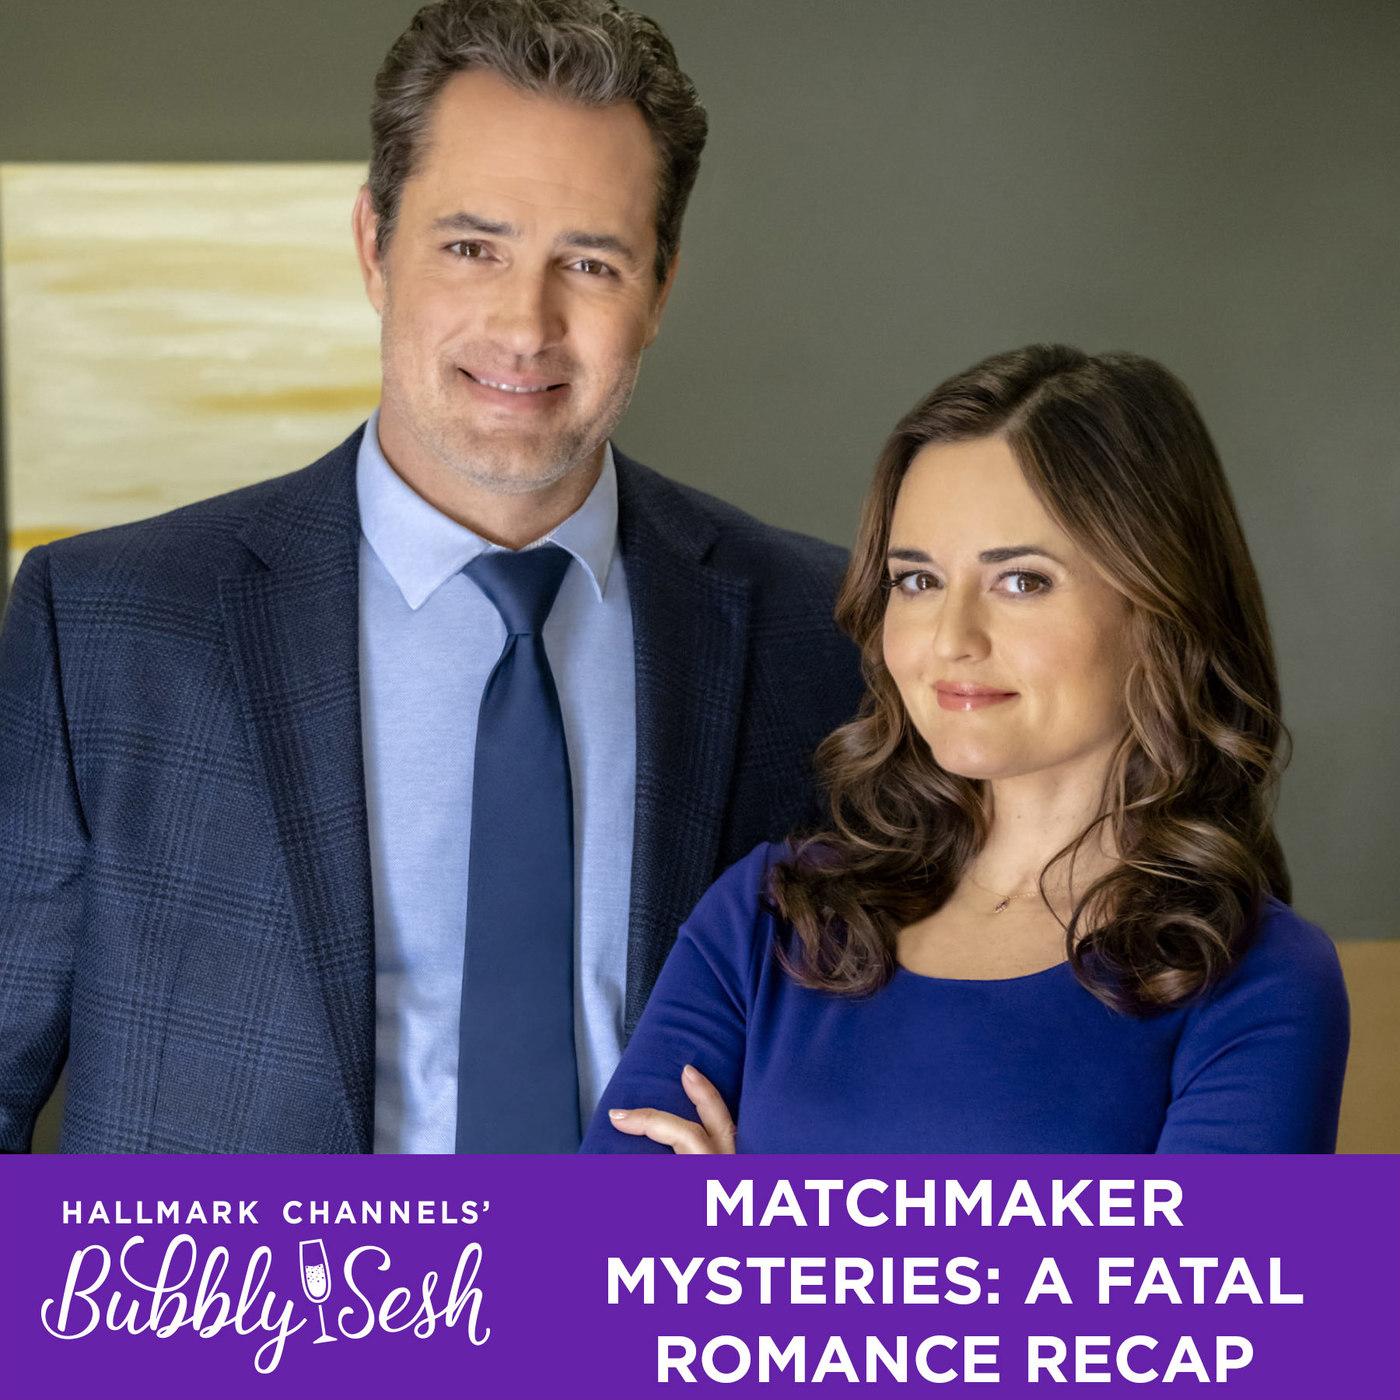 Matchmaker Mysteries: A Fatal Romance Recap